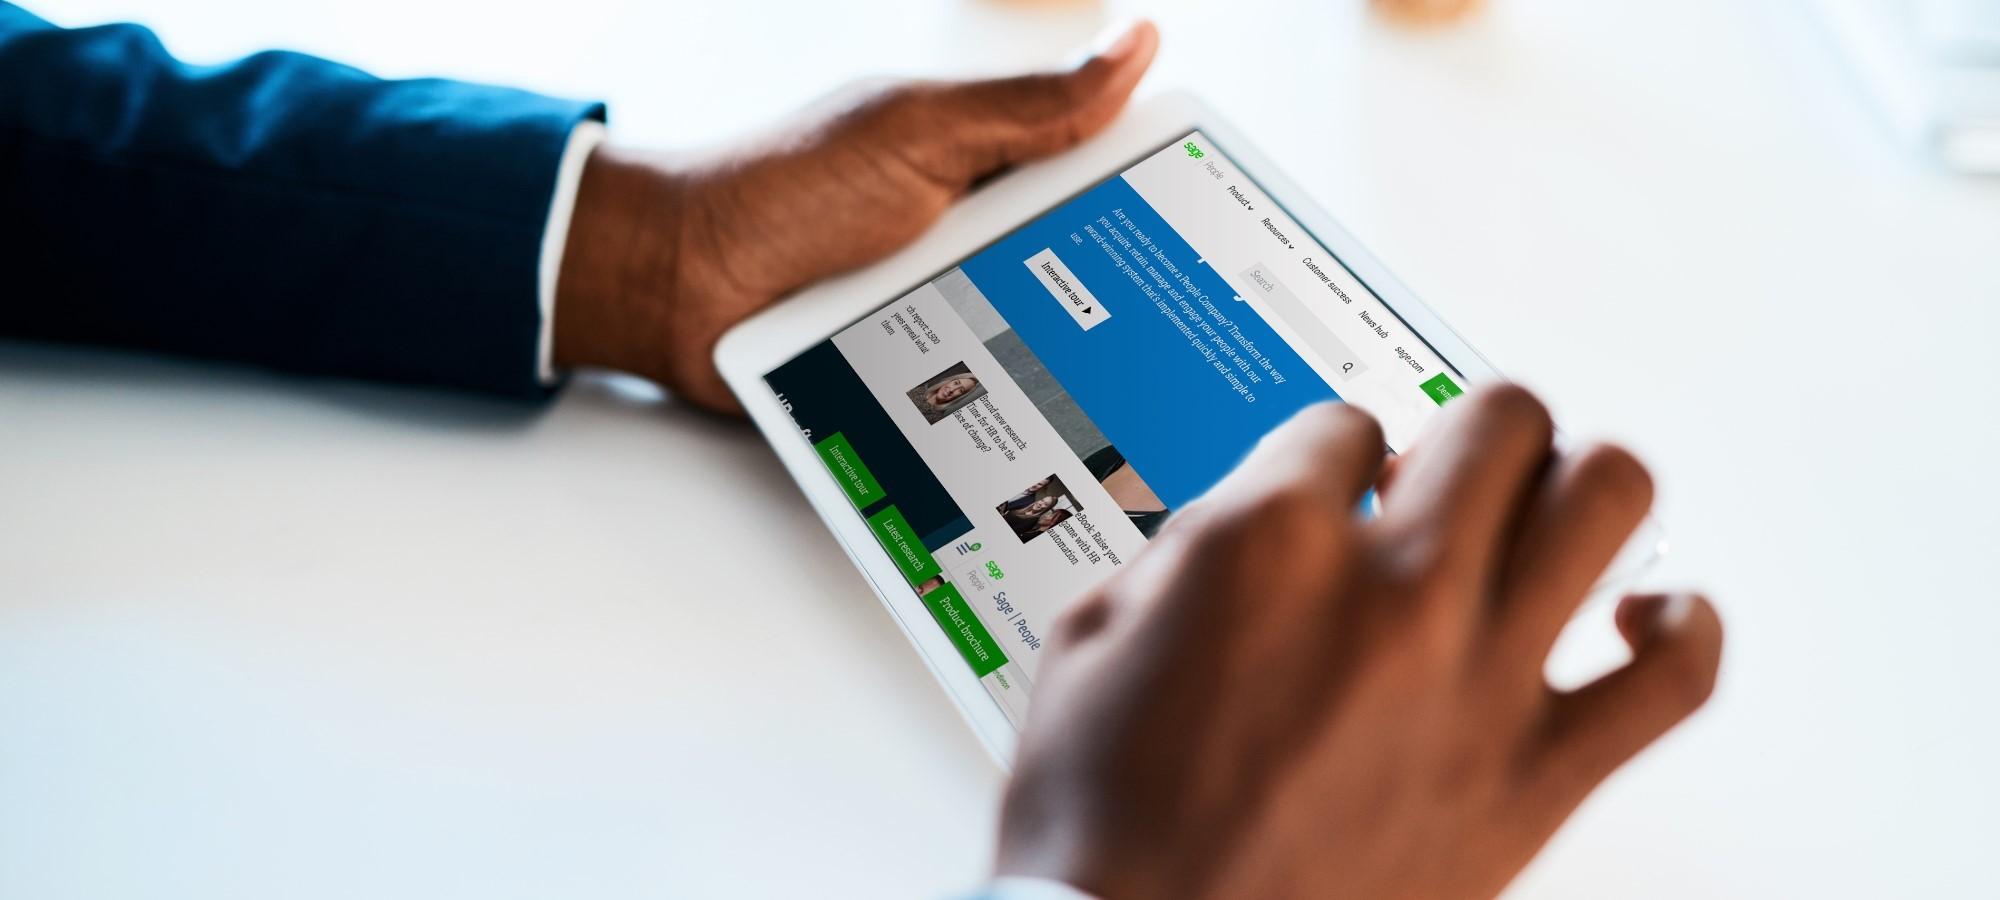 Person browsing Sagepeople website on tablet